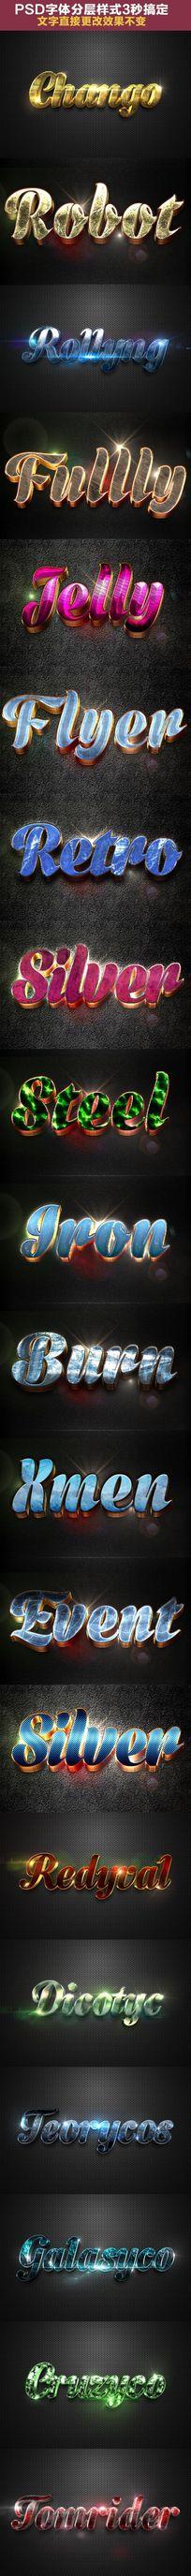 3D炫酷质感立体艺术字体样式